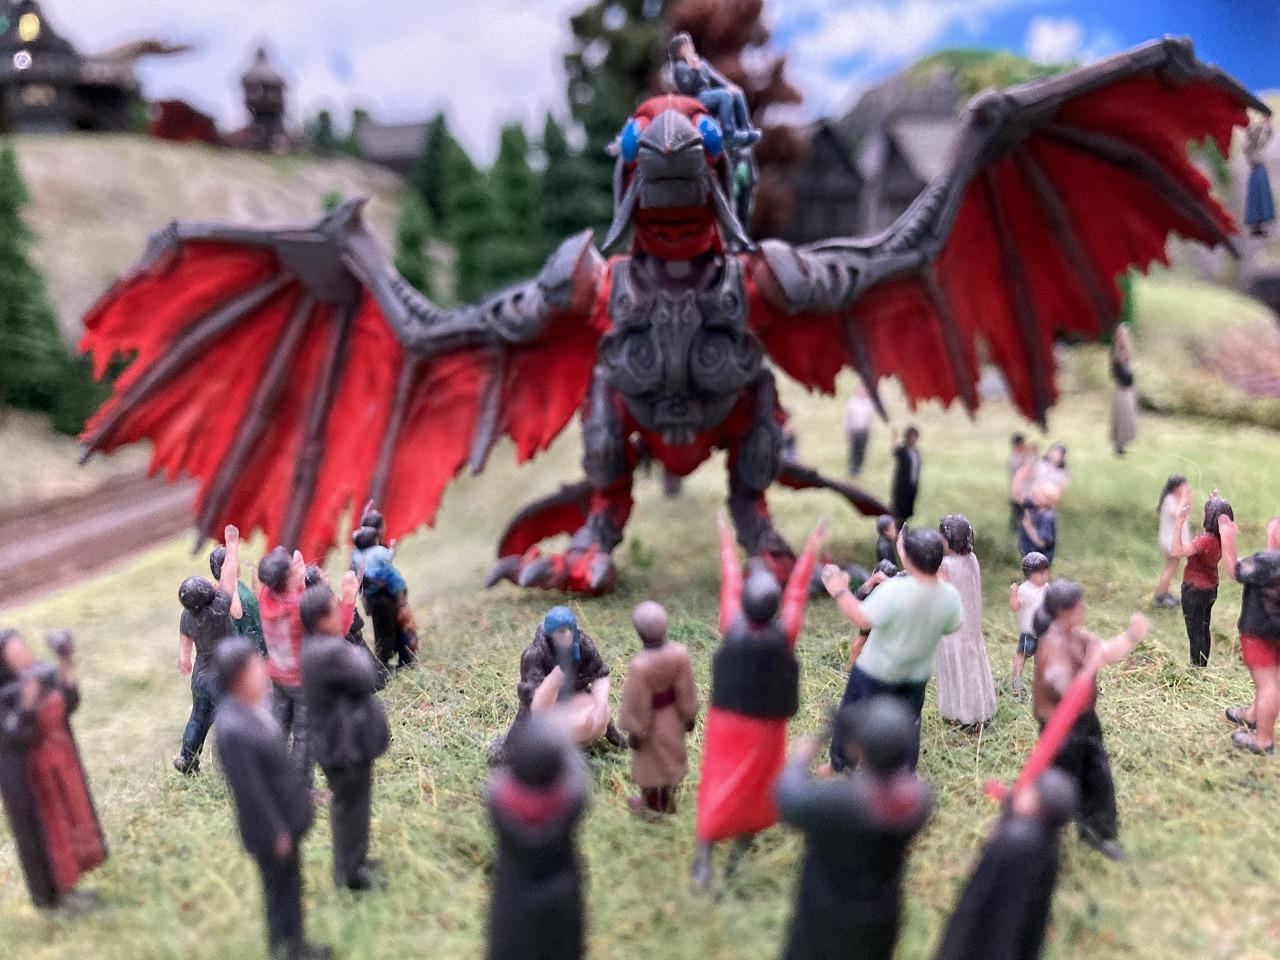 ドラゴンと人々